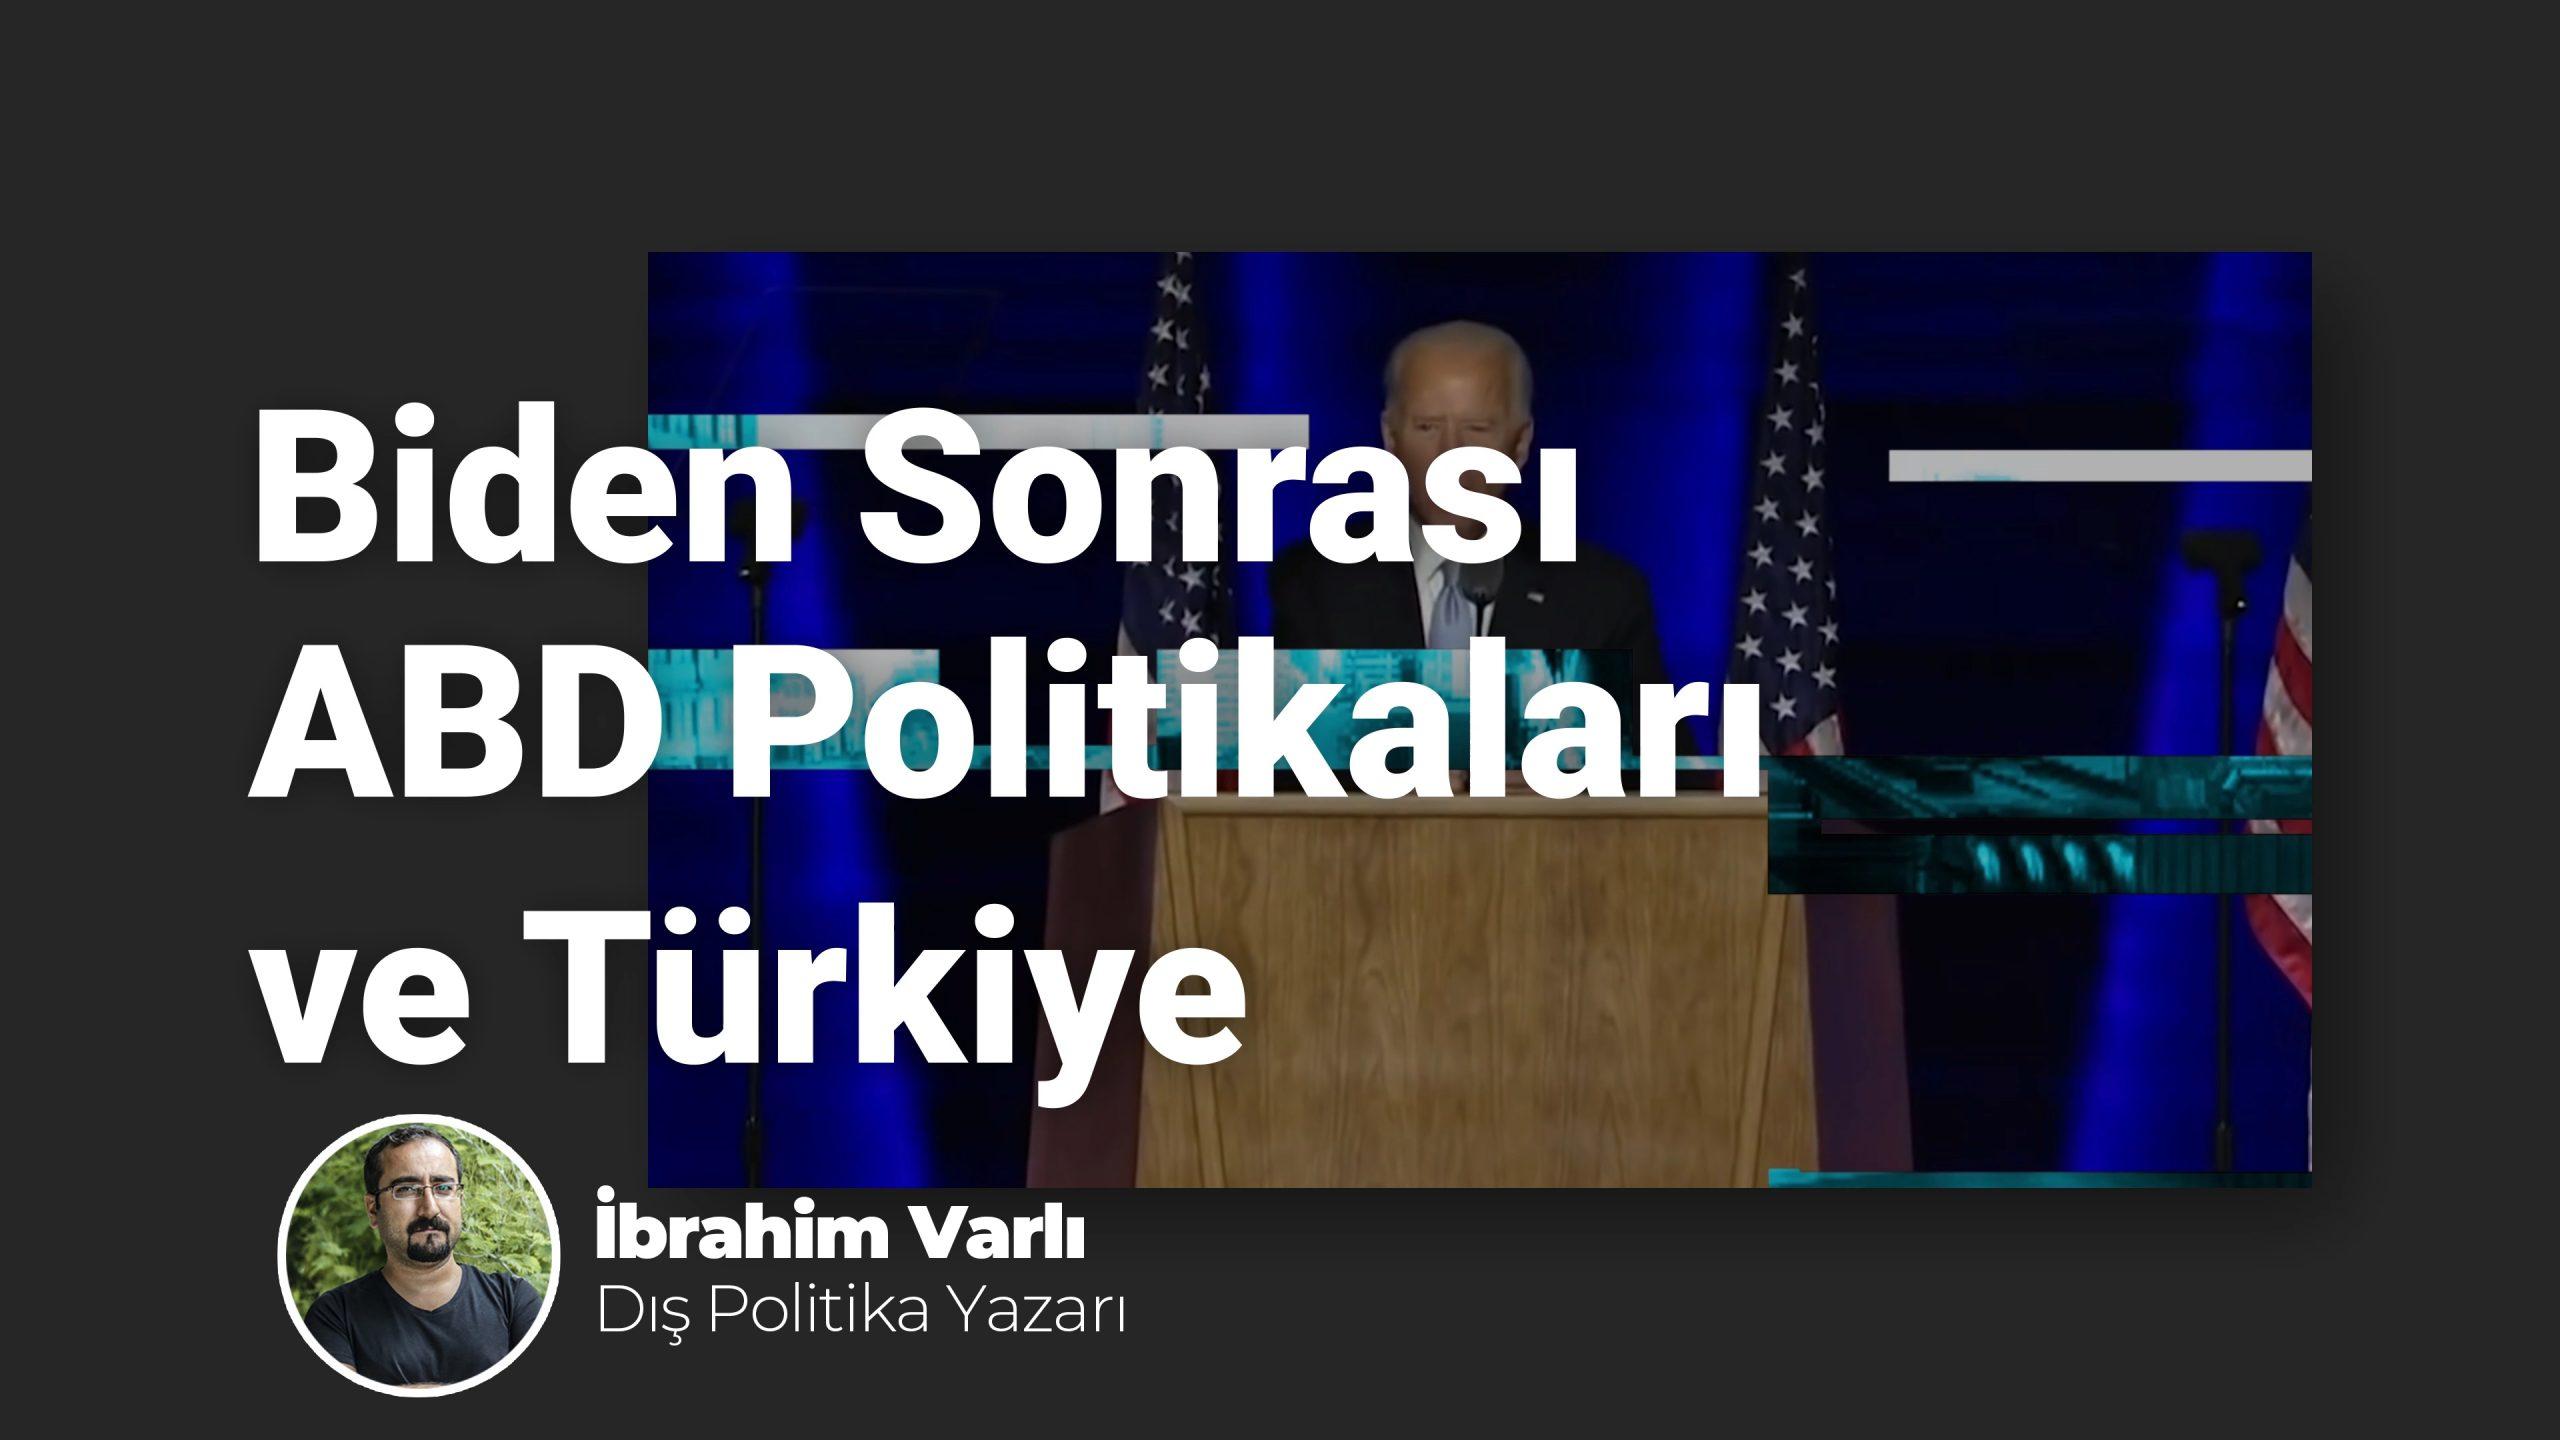 Biden Sonrası ABD Politikaları ve Türkiye – SOL TV